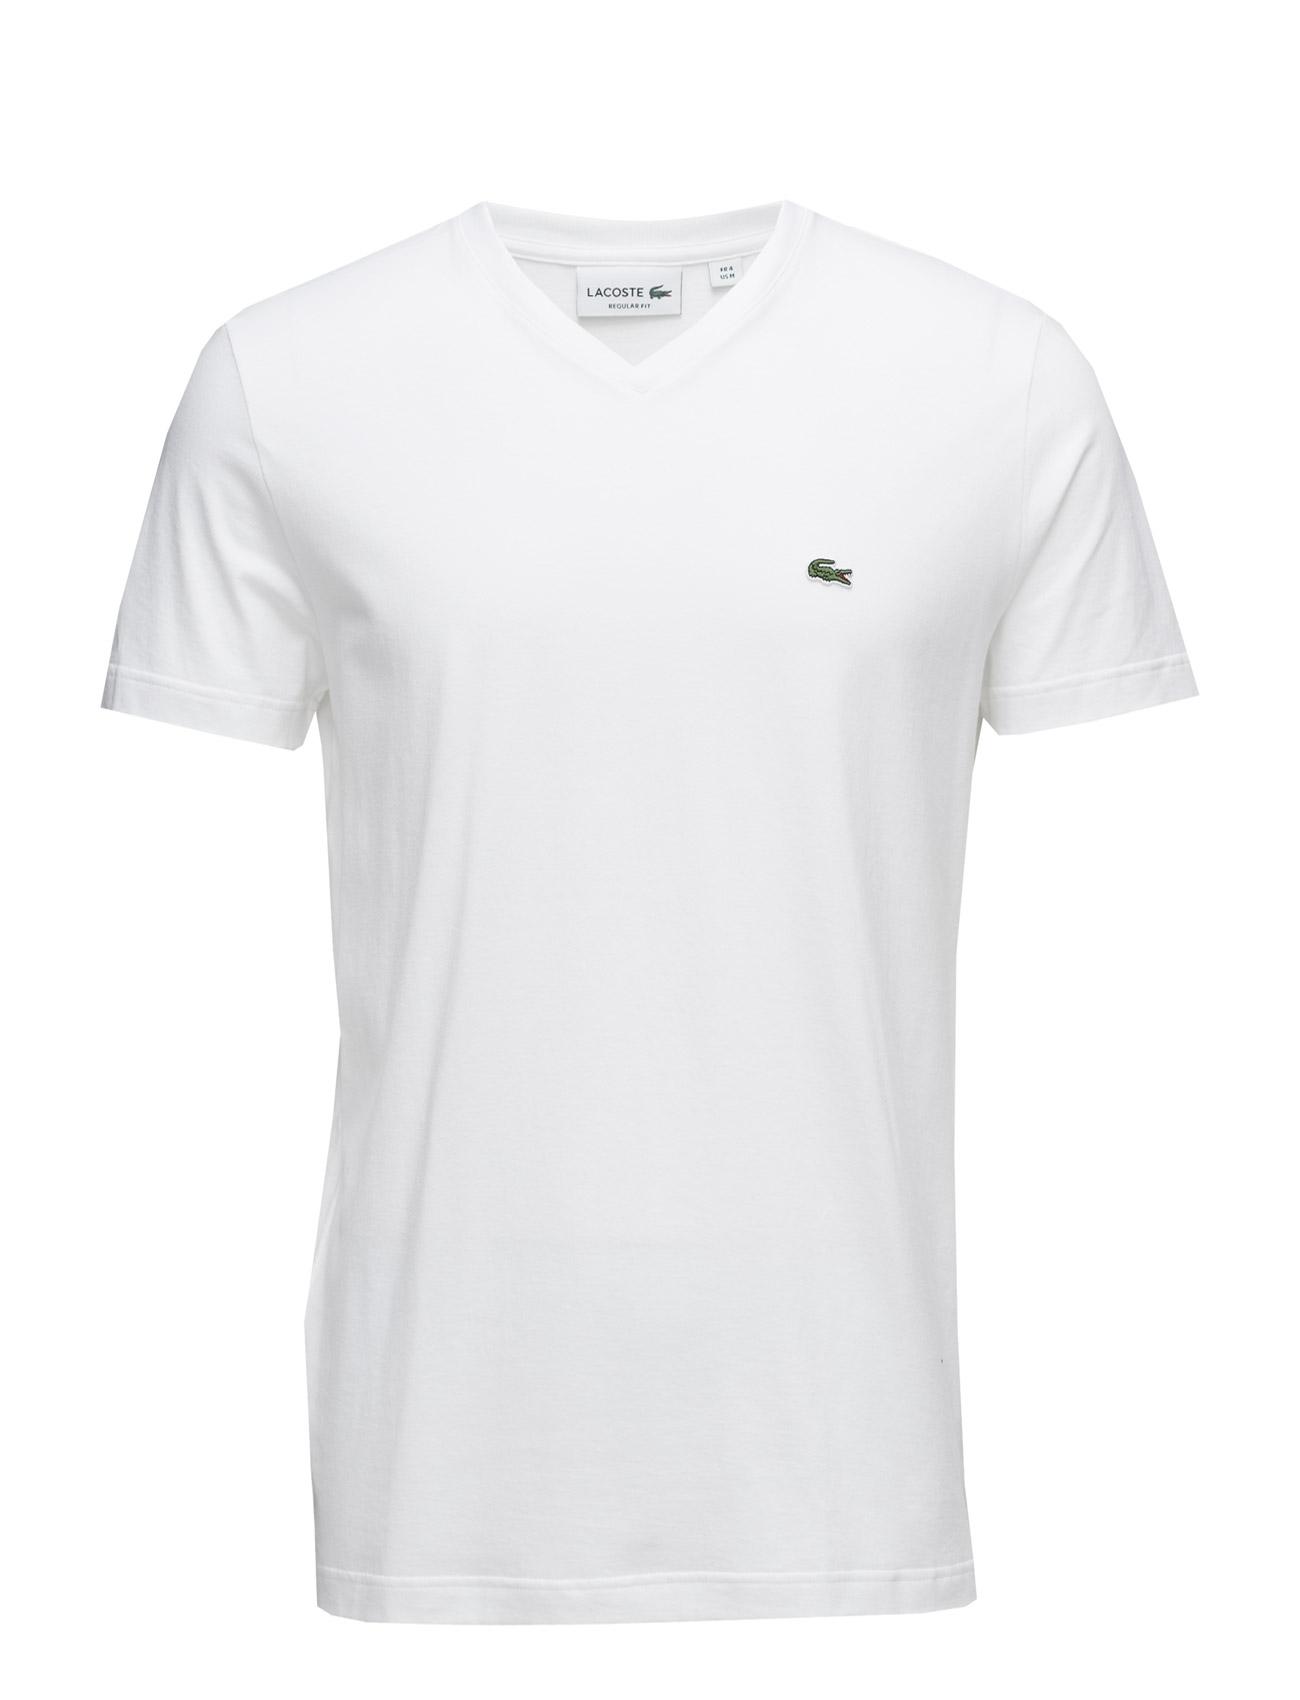 Tee-Shirt&Turtle Neck Lacoste T-shirts til Mænd i hvid